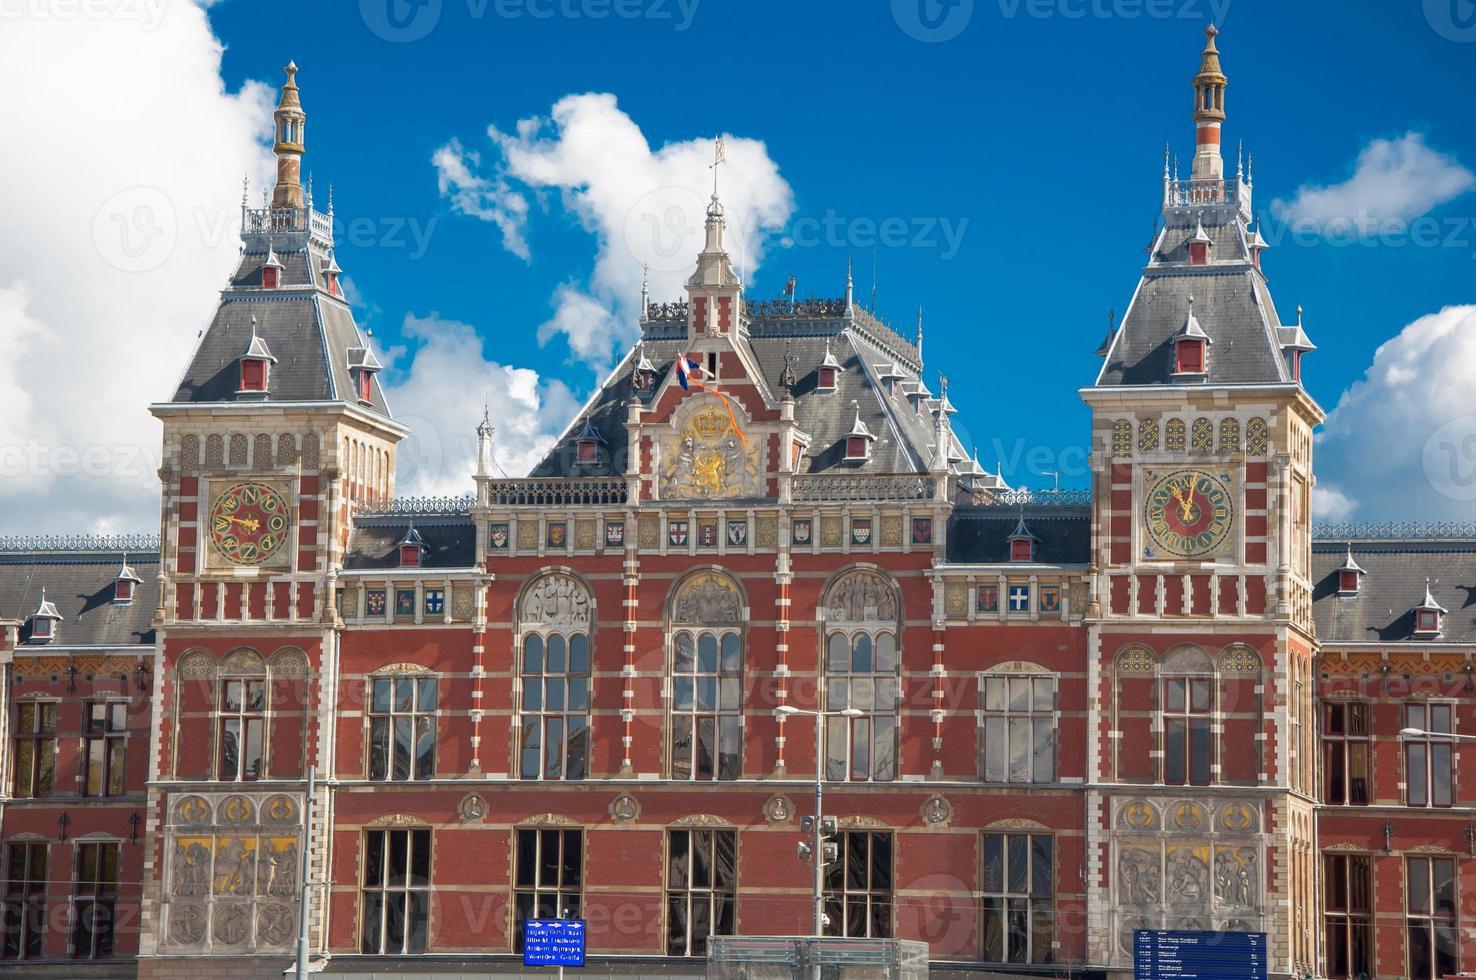 fassade der amsterdam centraal station an einem sonnigen tag in den niederlanden. foto